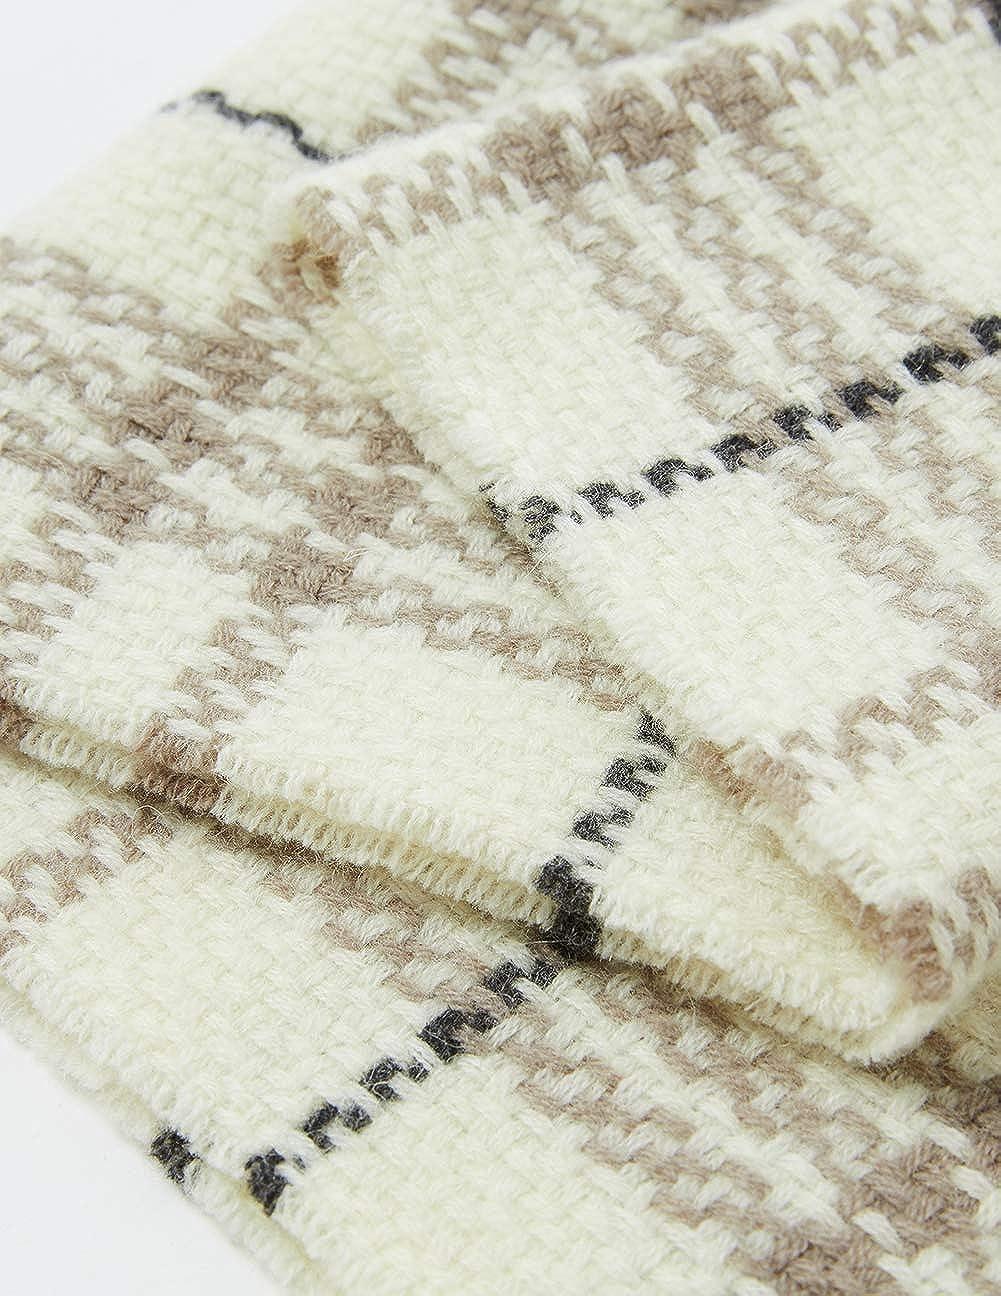 MaaMgic Luxus Kaschmir Wolle Pashmina Schal Damen Warm Winter mit quasten//fransen Deckenschal MEHRWEG